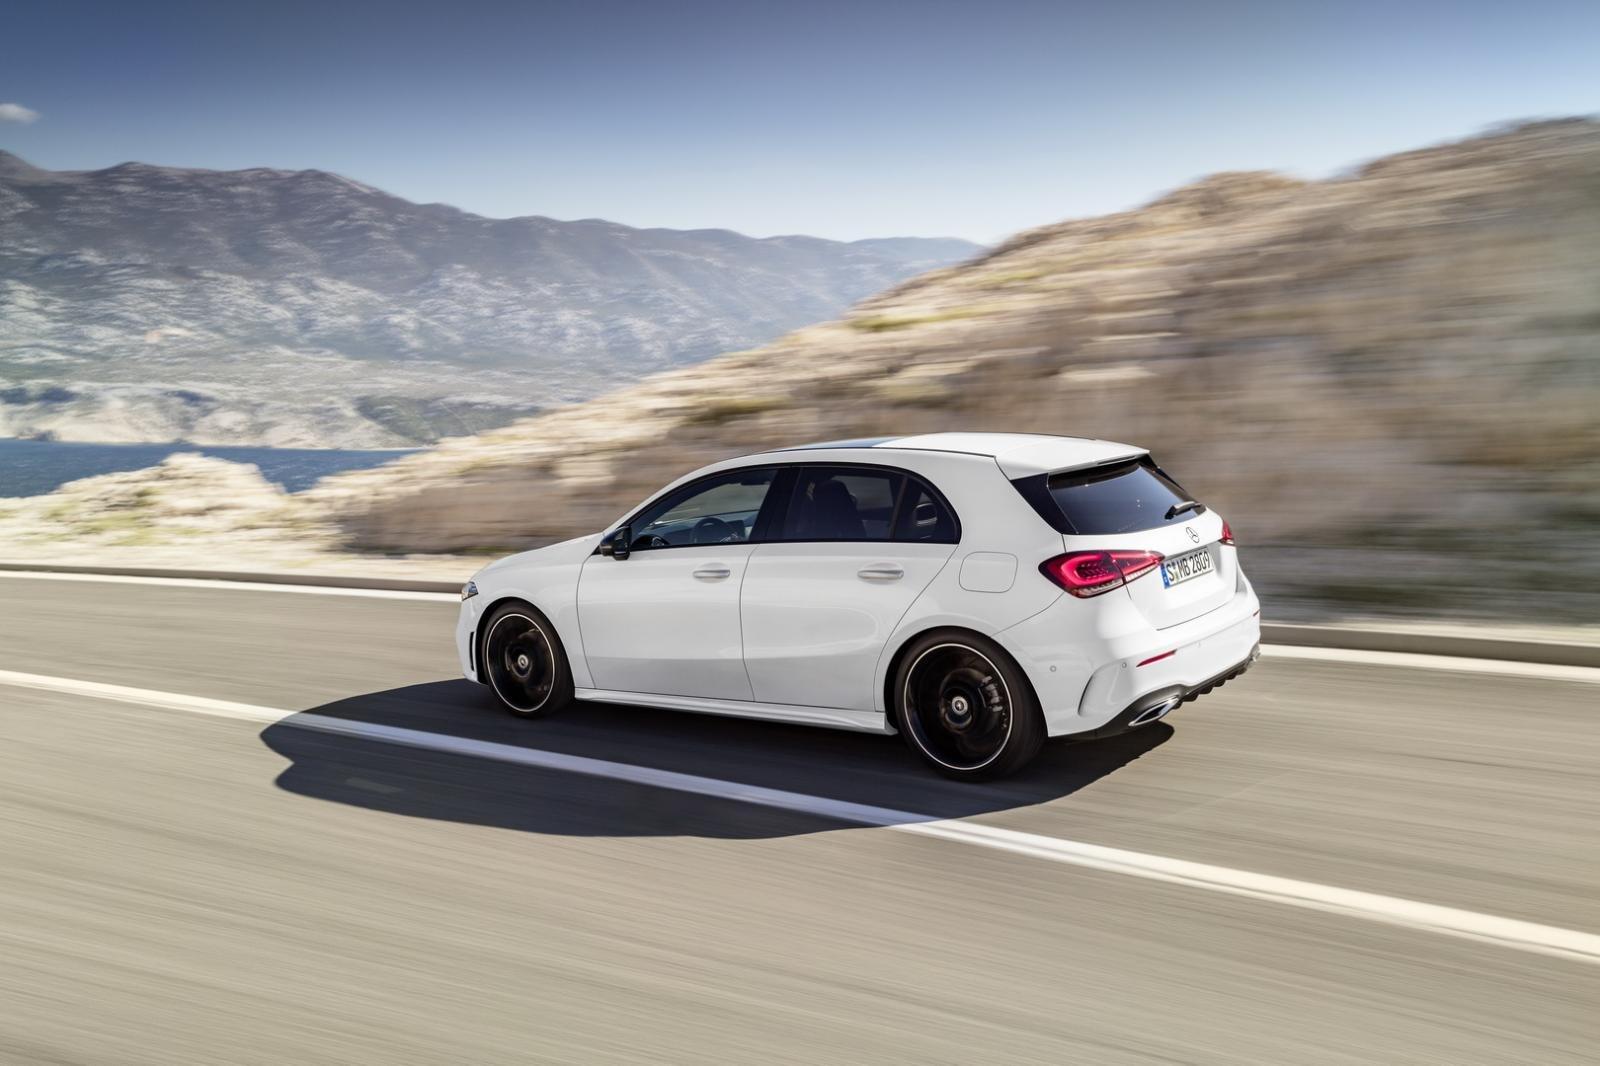 Mercedes A City dự kiến thúc đẩy người dùng mới đến với hãng xe Đức.